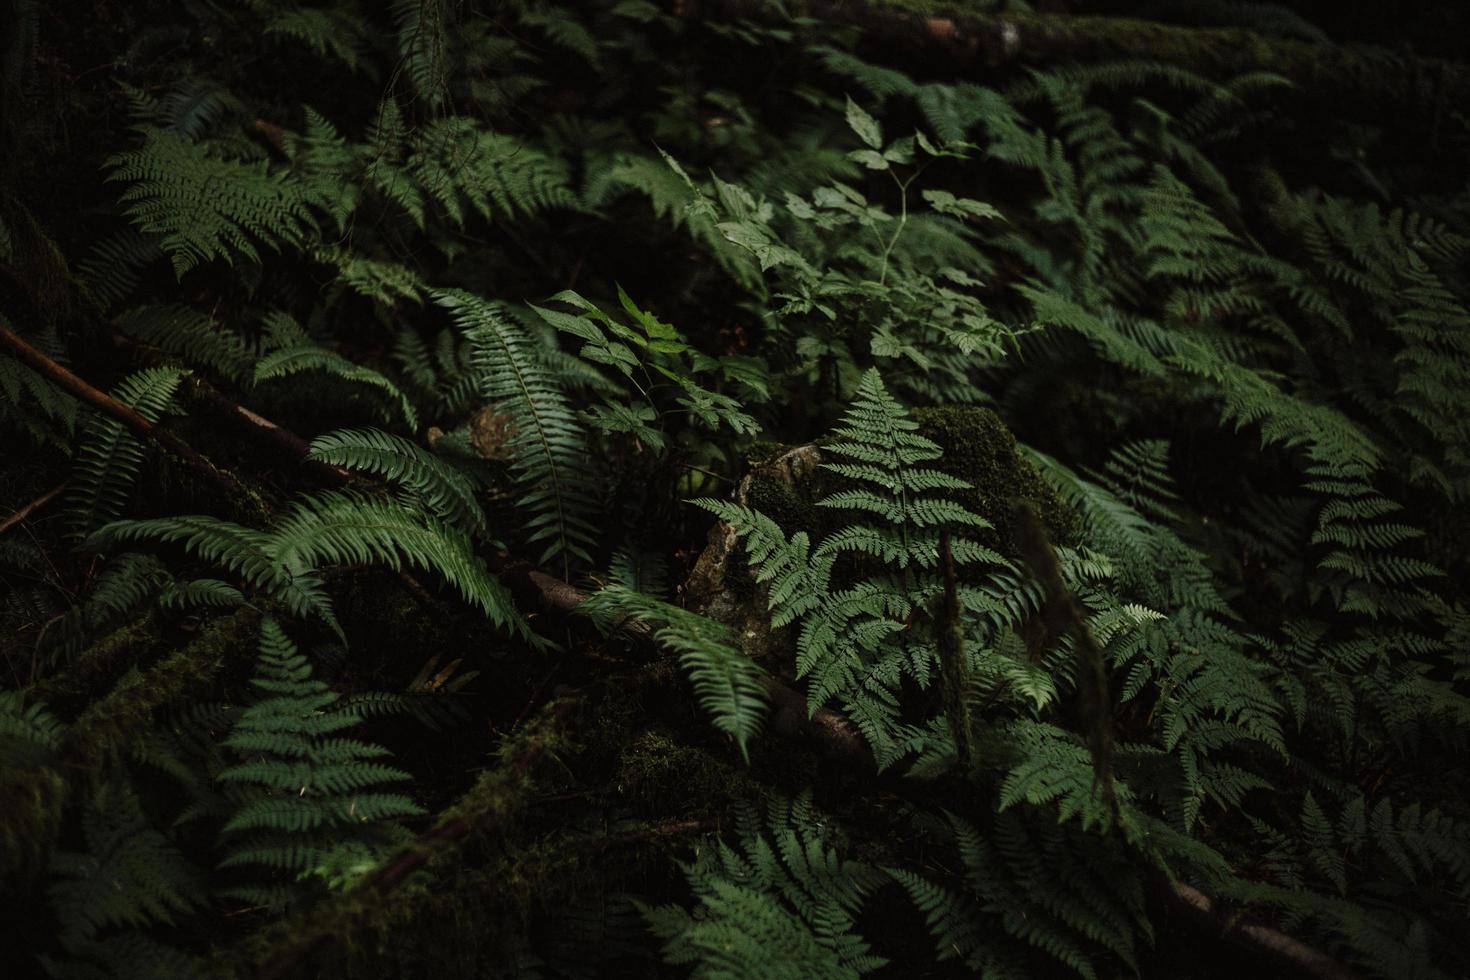 plante de fougère verte illuminée photo